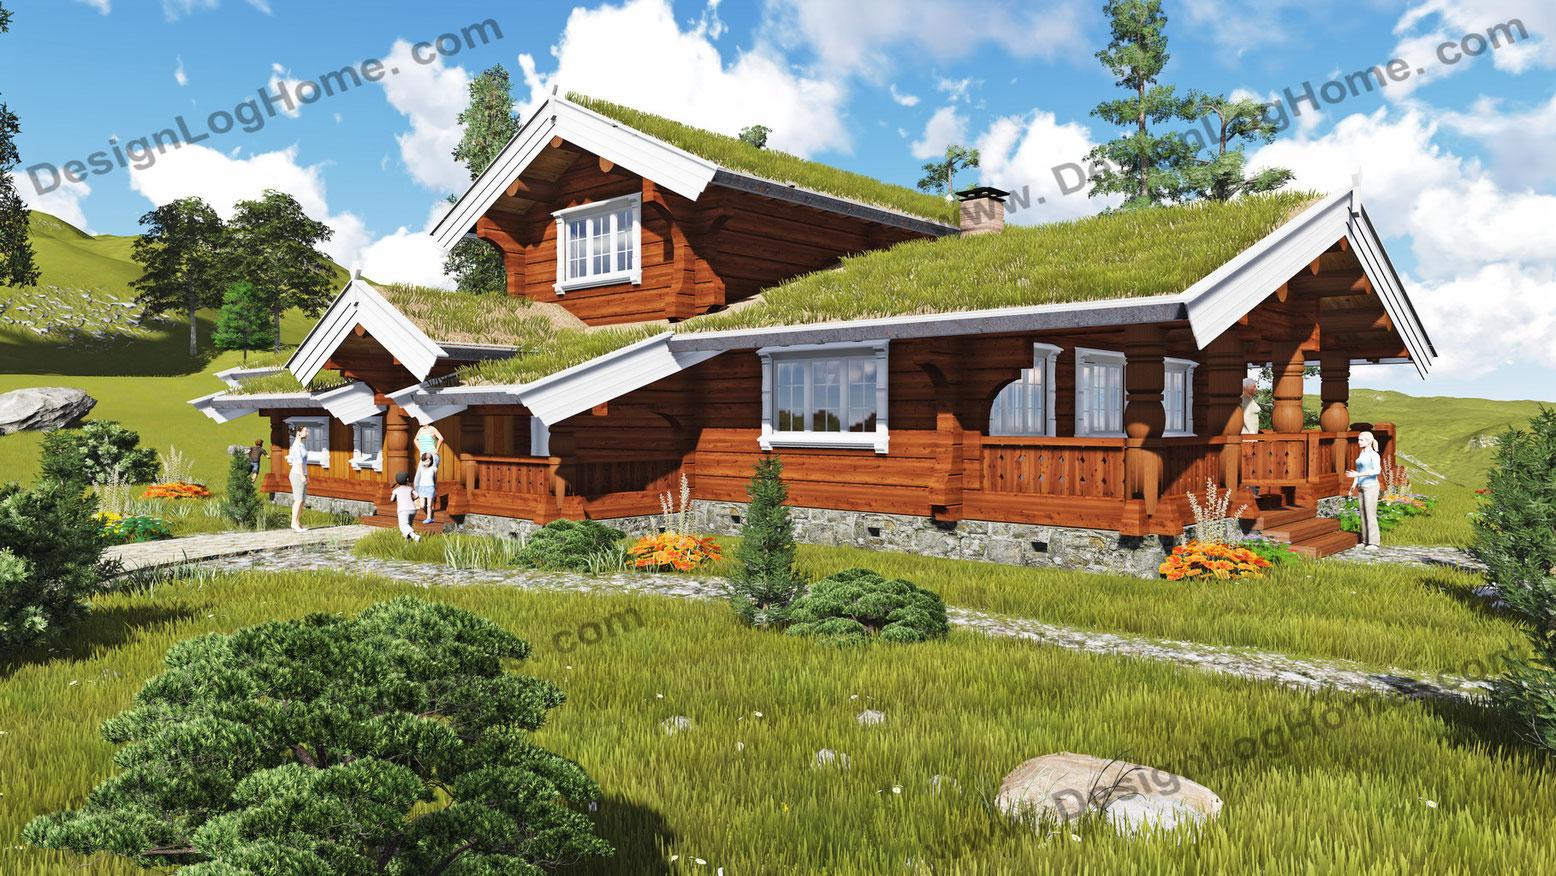 исчерпании включённого проекты домов в норвежском стиле возможности производства